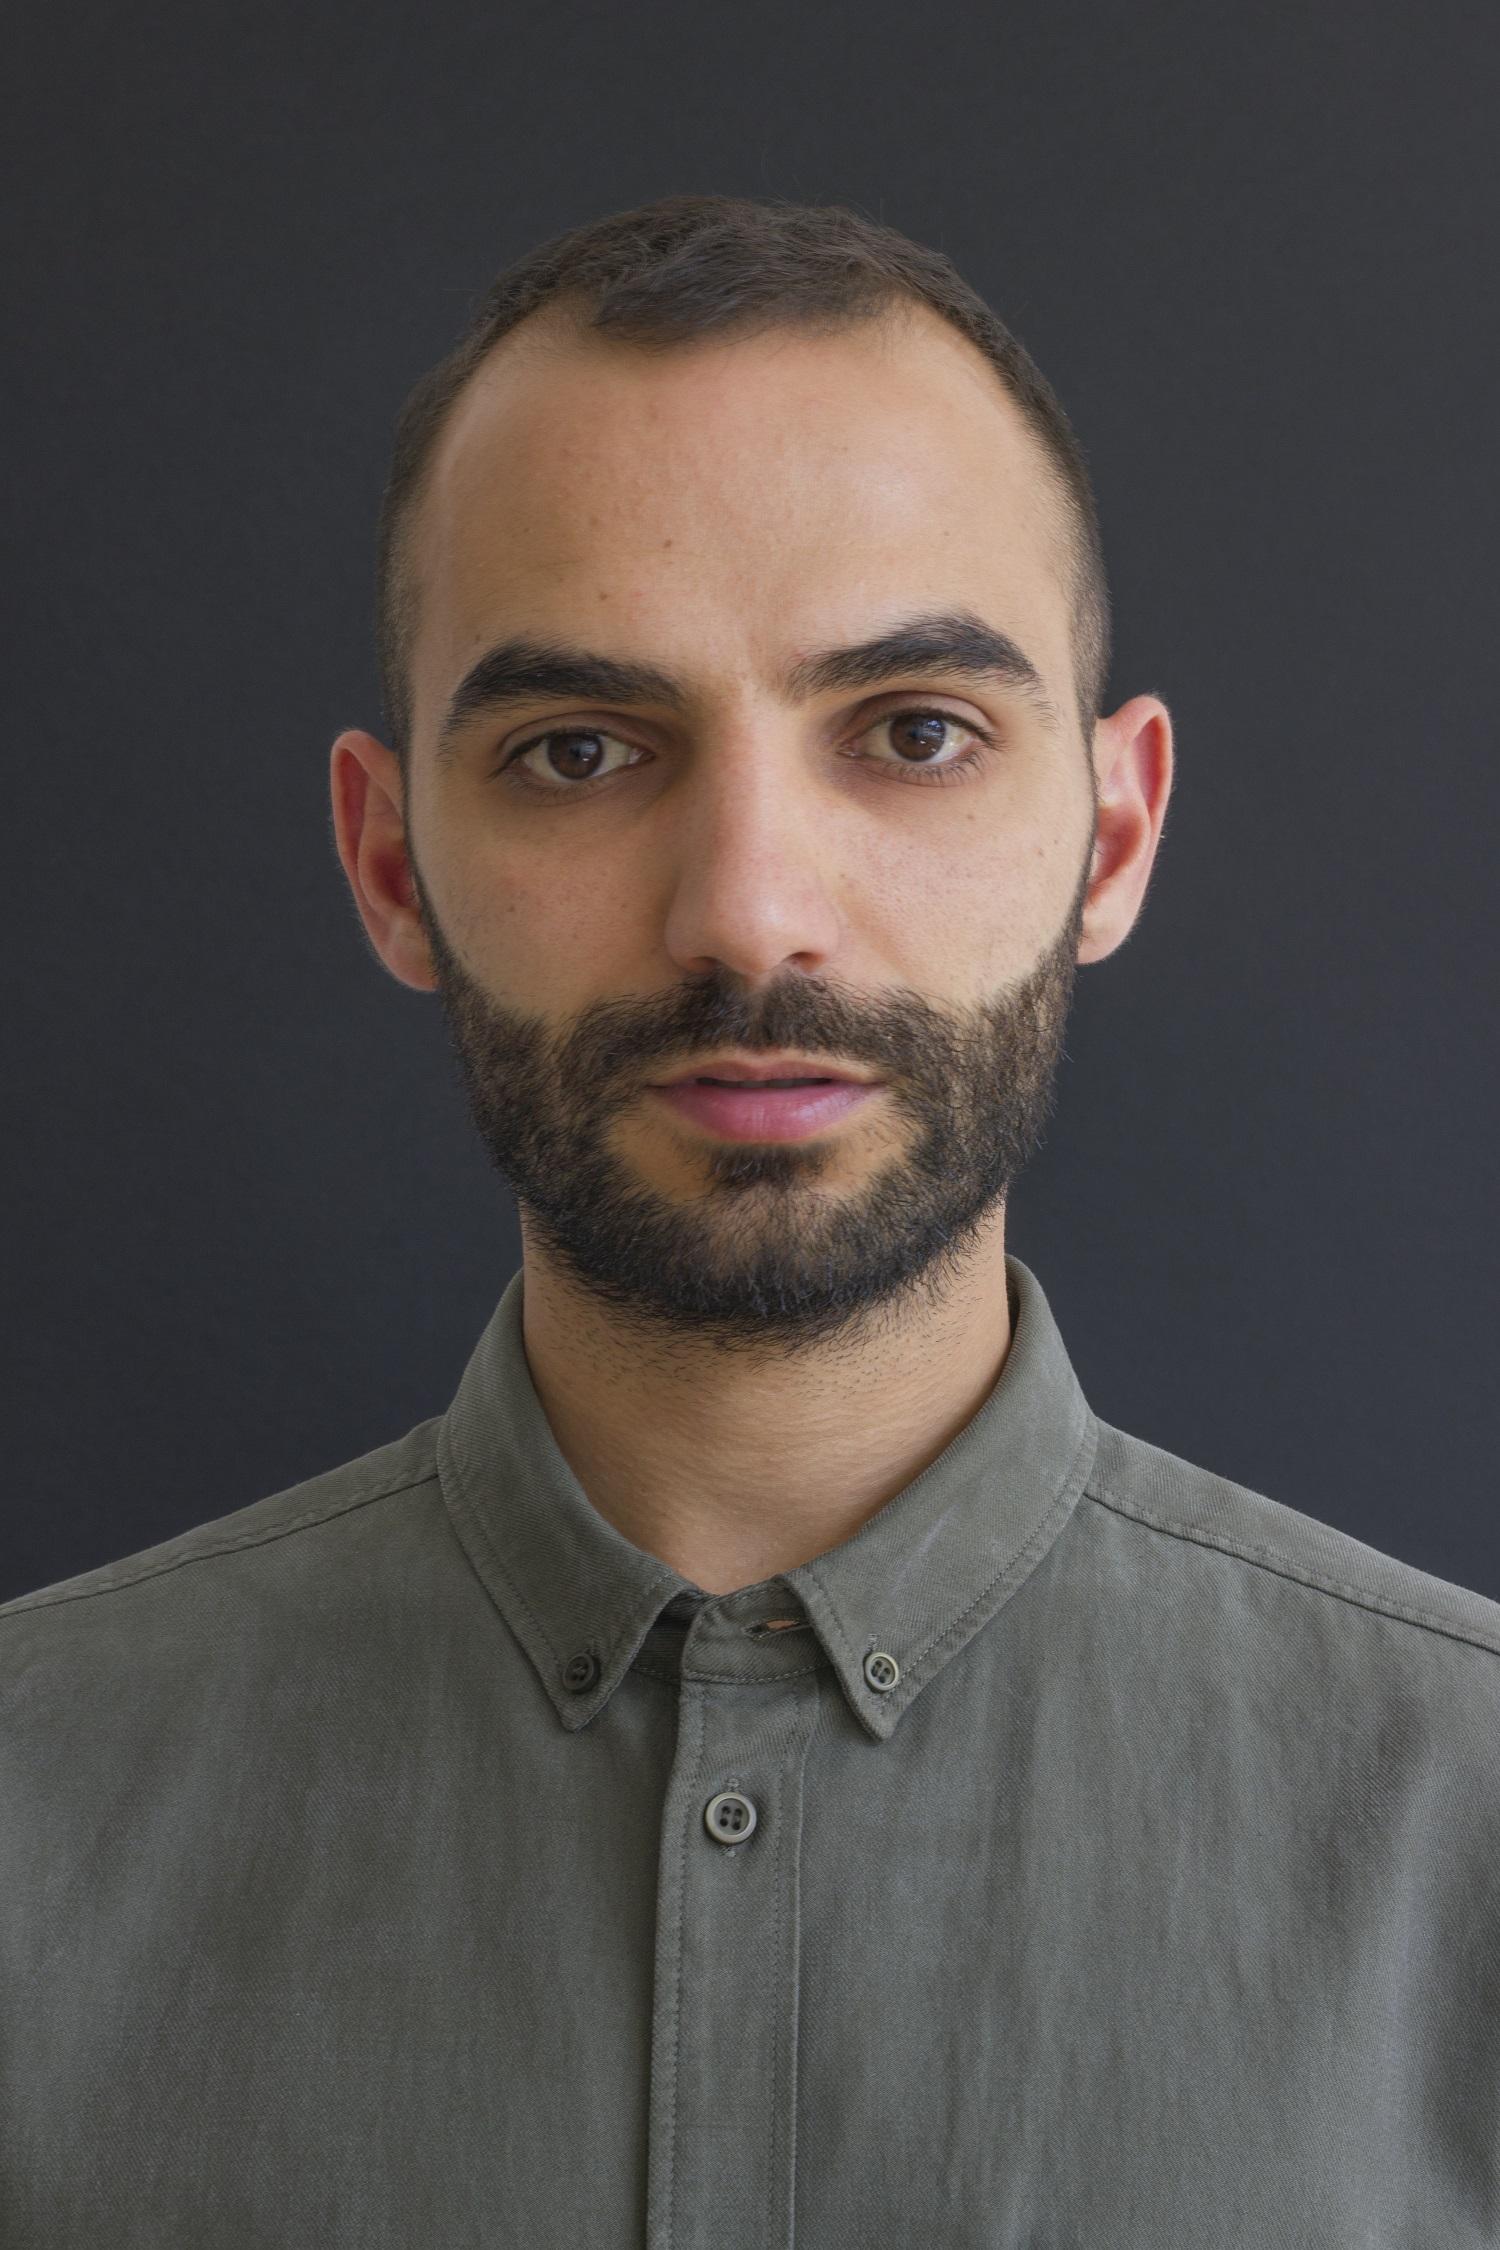 علاء أبو أسعد